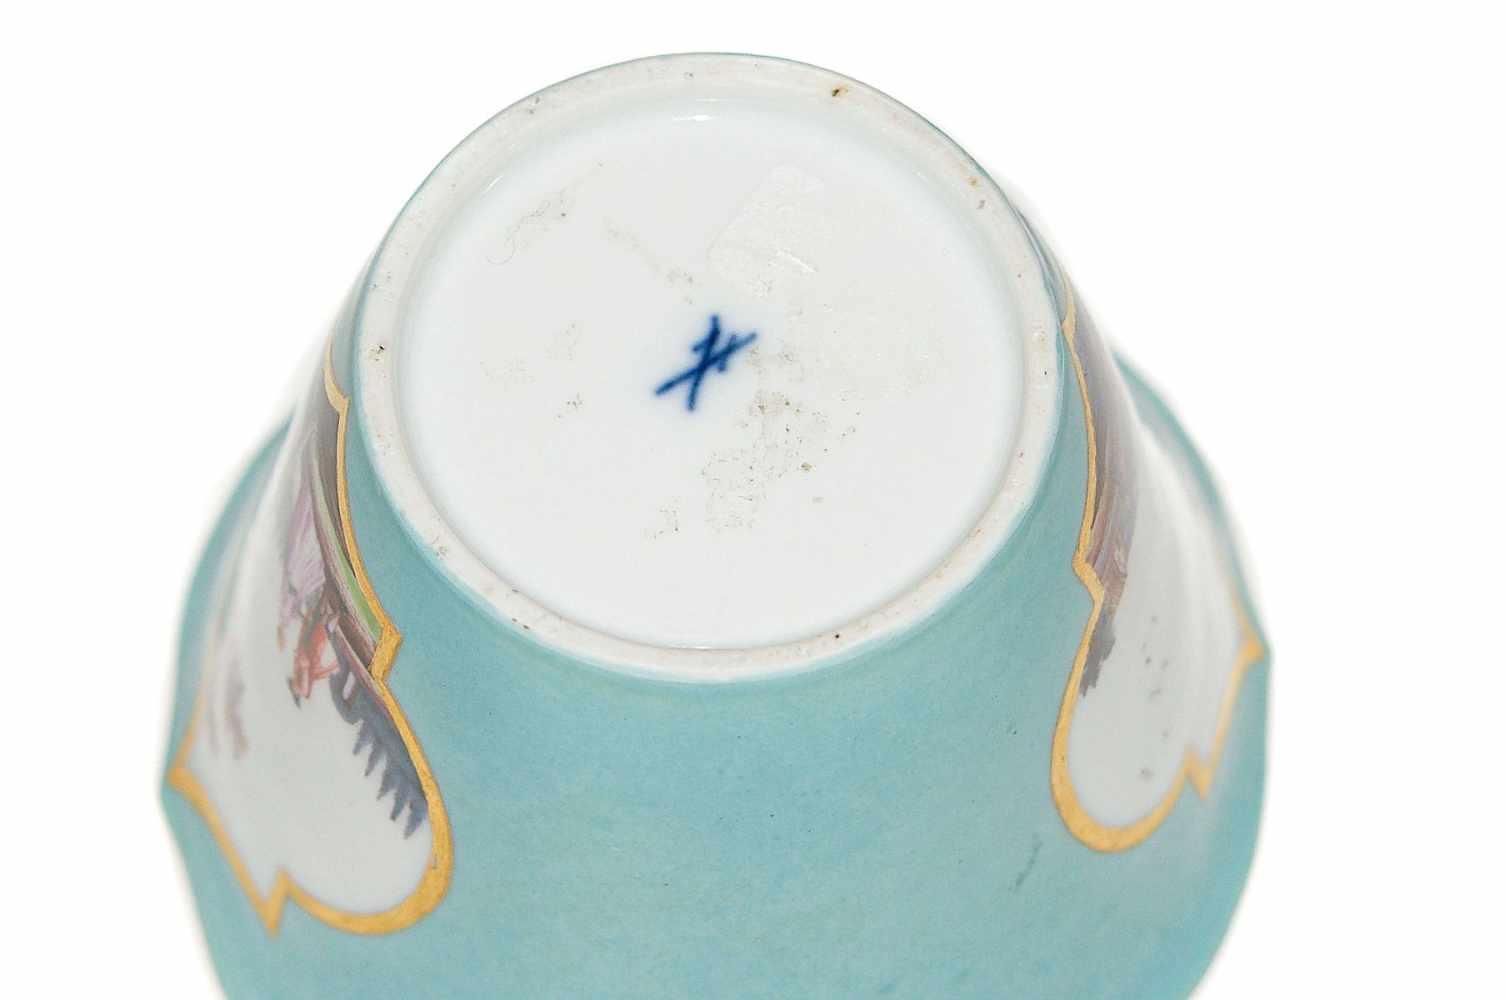 Zierbecher mit Watteauszenen - Bild 3 aus 3